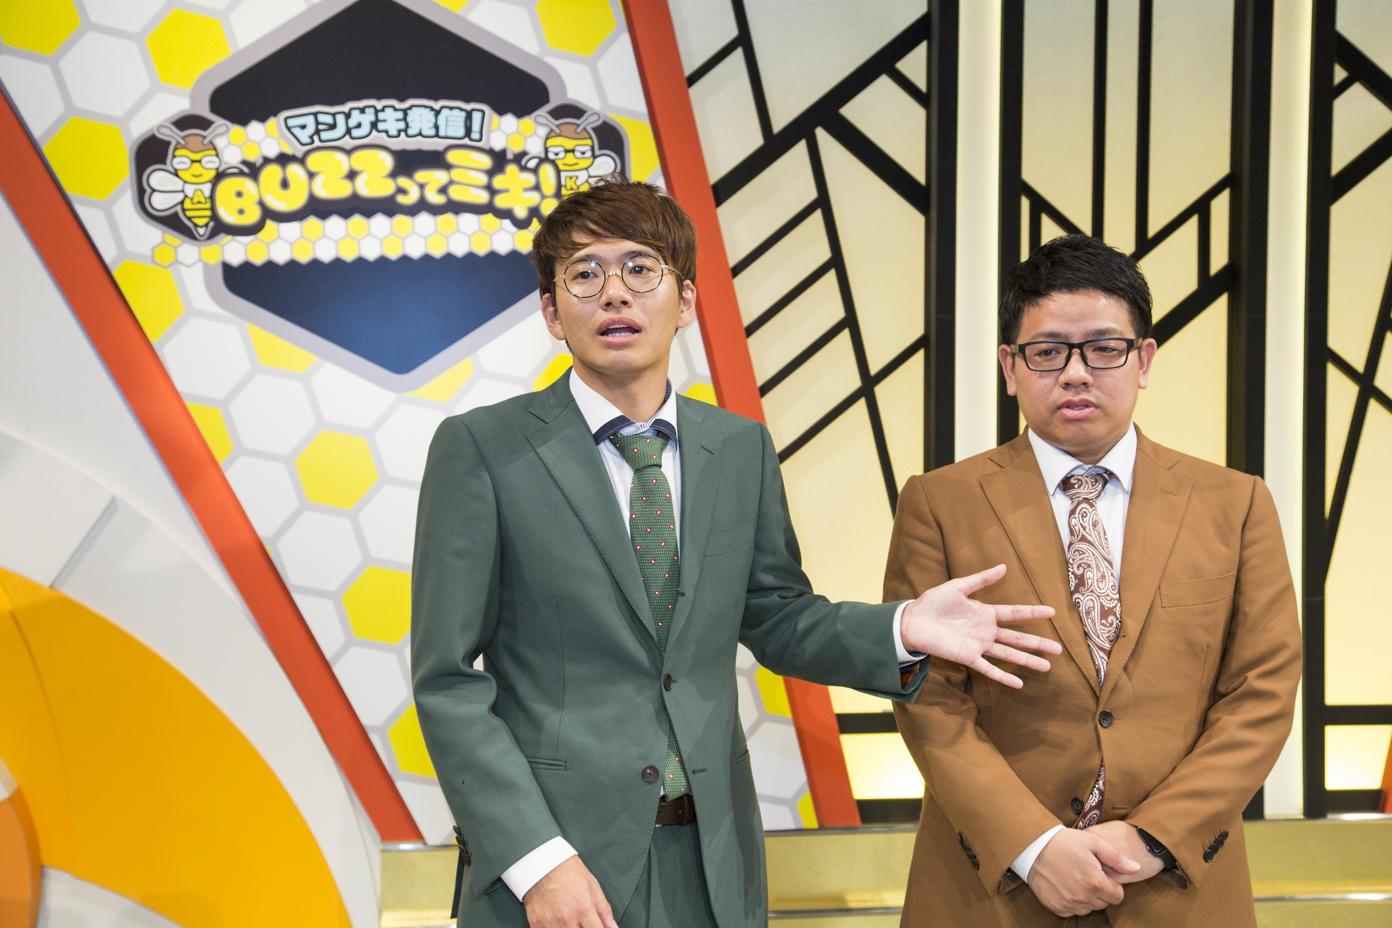 http://news.yoshimoto.co.jp/20170908070639-1ee9676a13287f3c0385a3384ef655a7846ffa9b.jpg